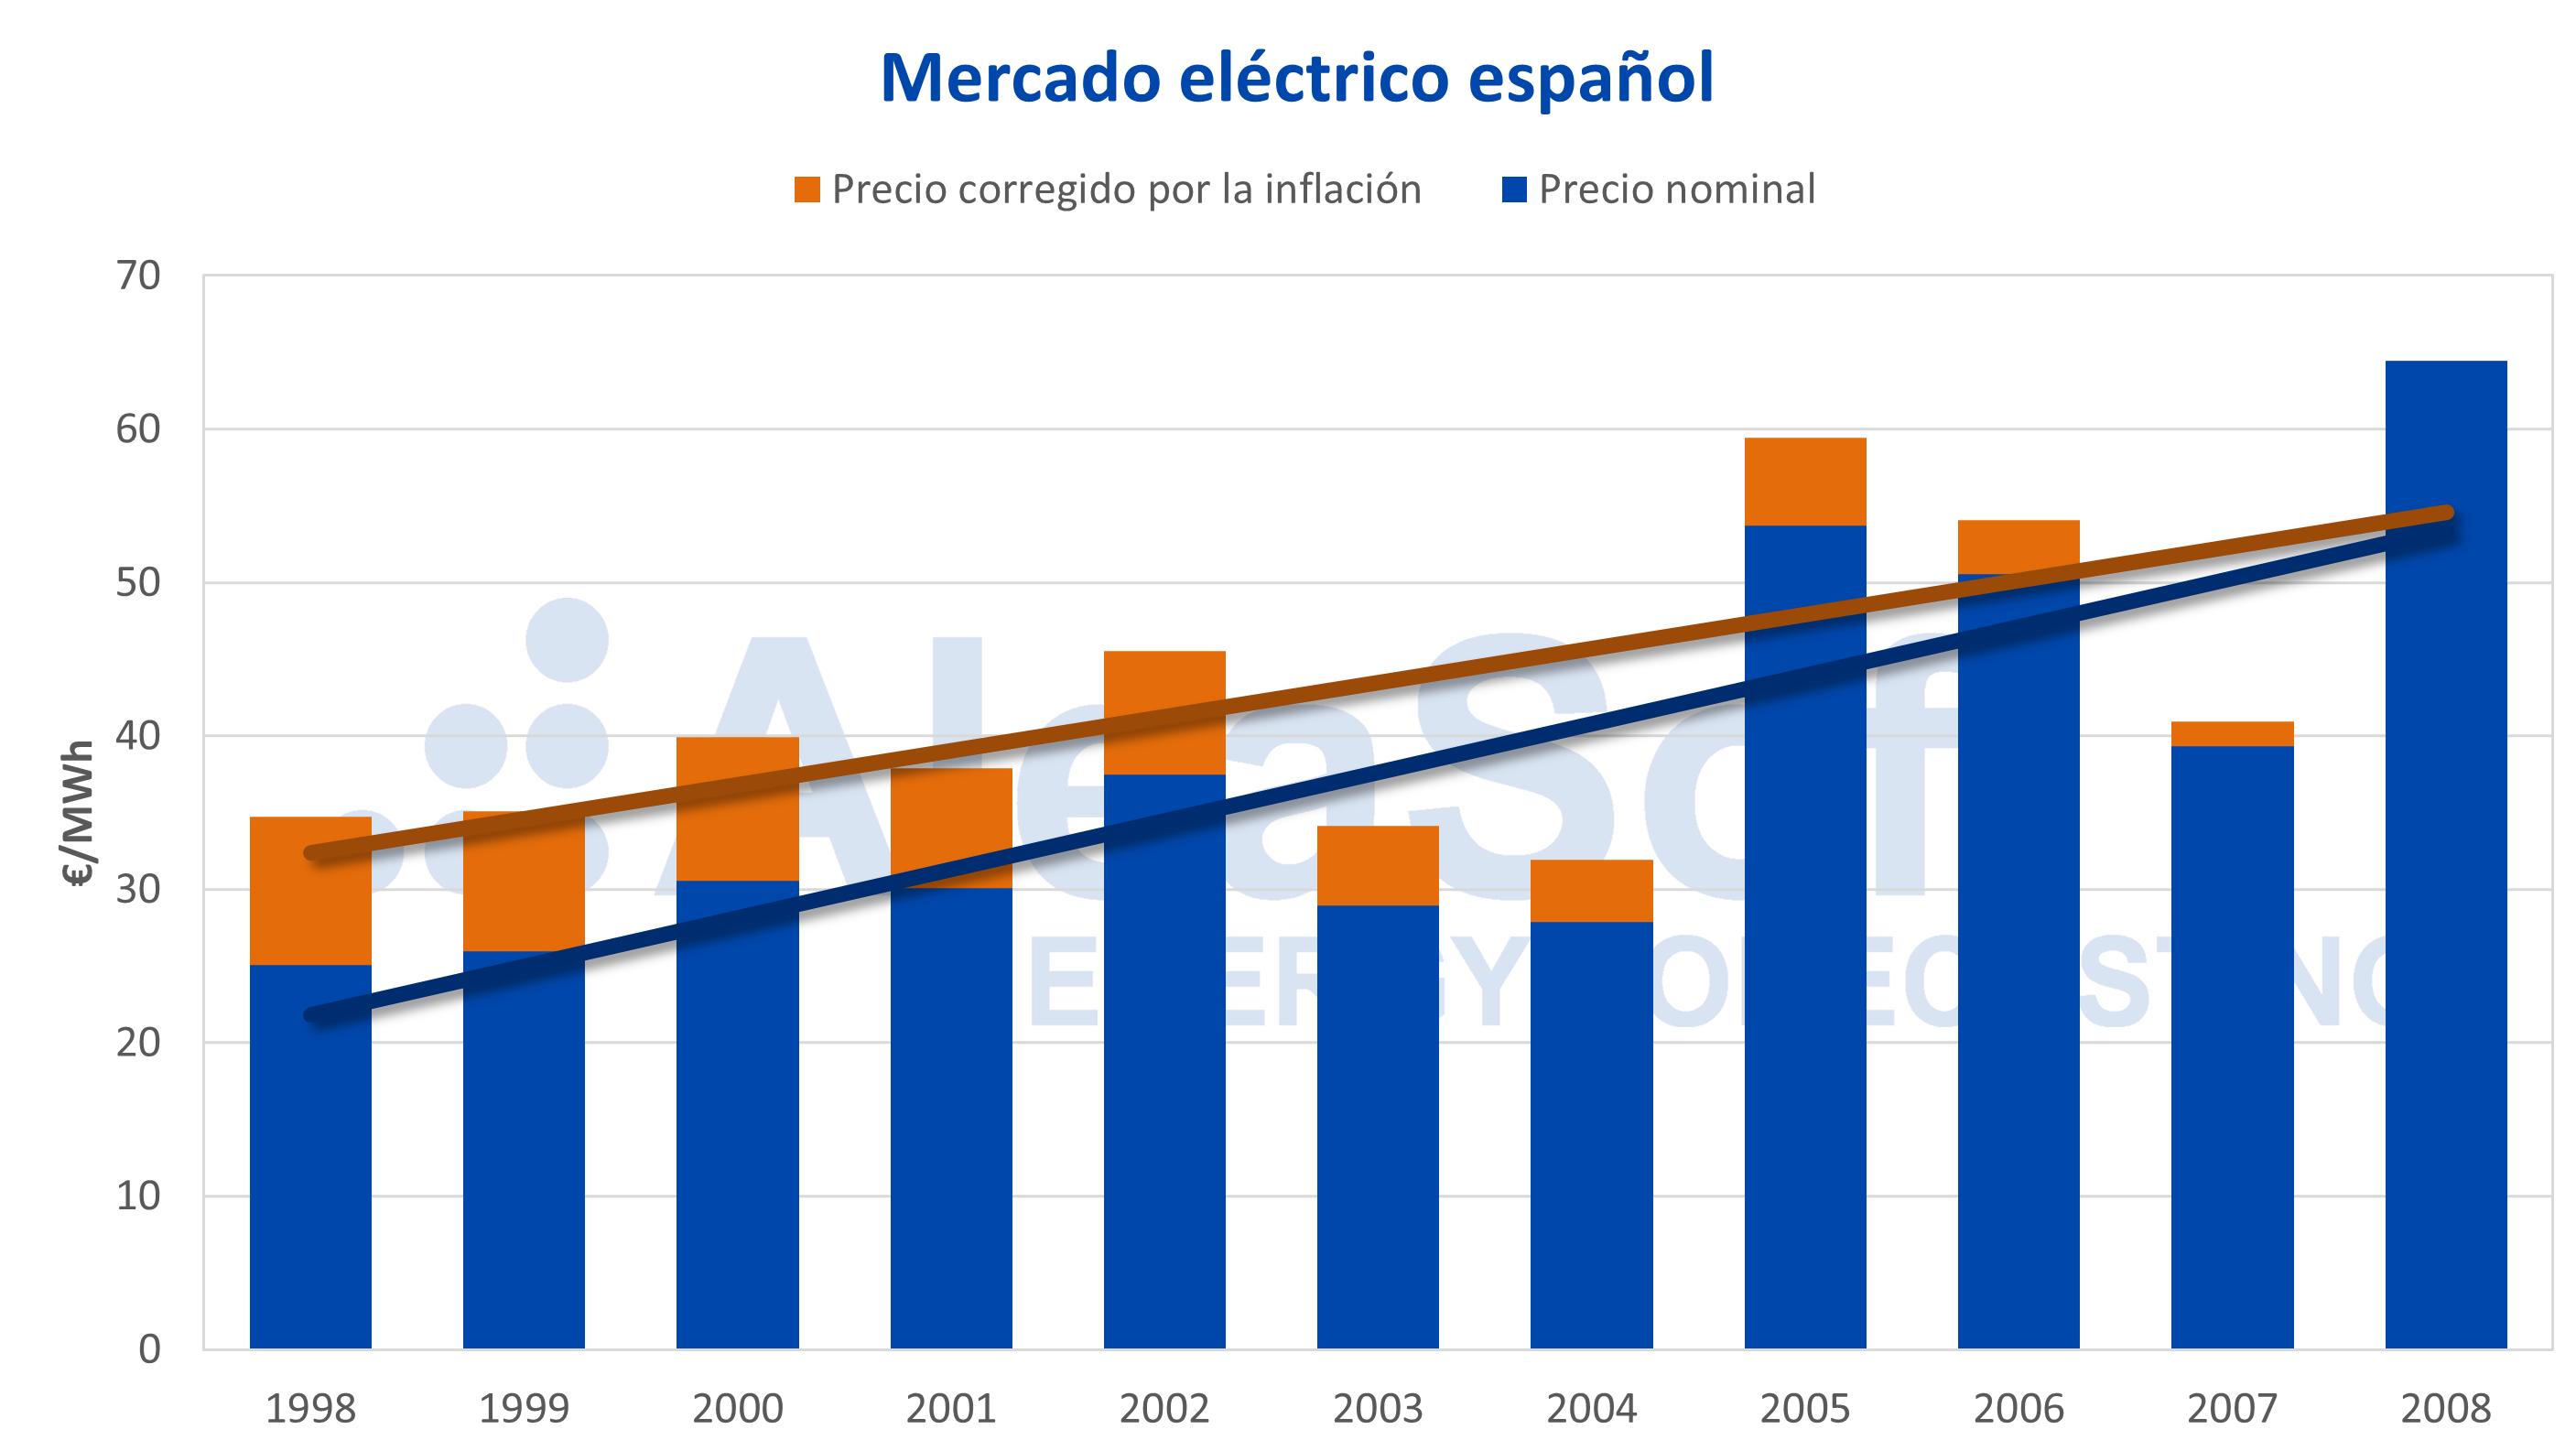 AleaSoft - Precio del mercado eléctrico español corregido inflacion IPC